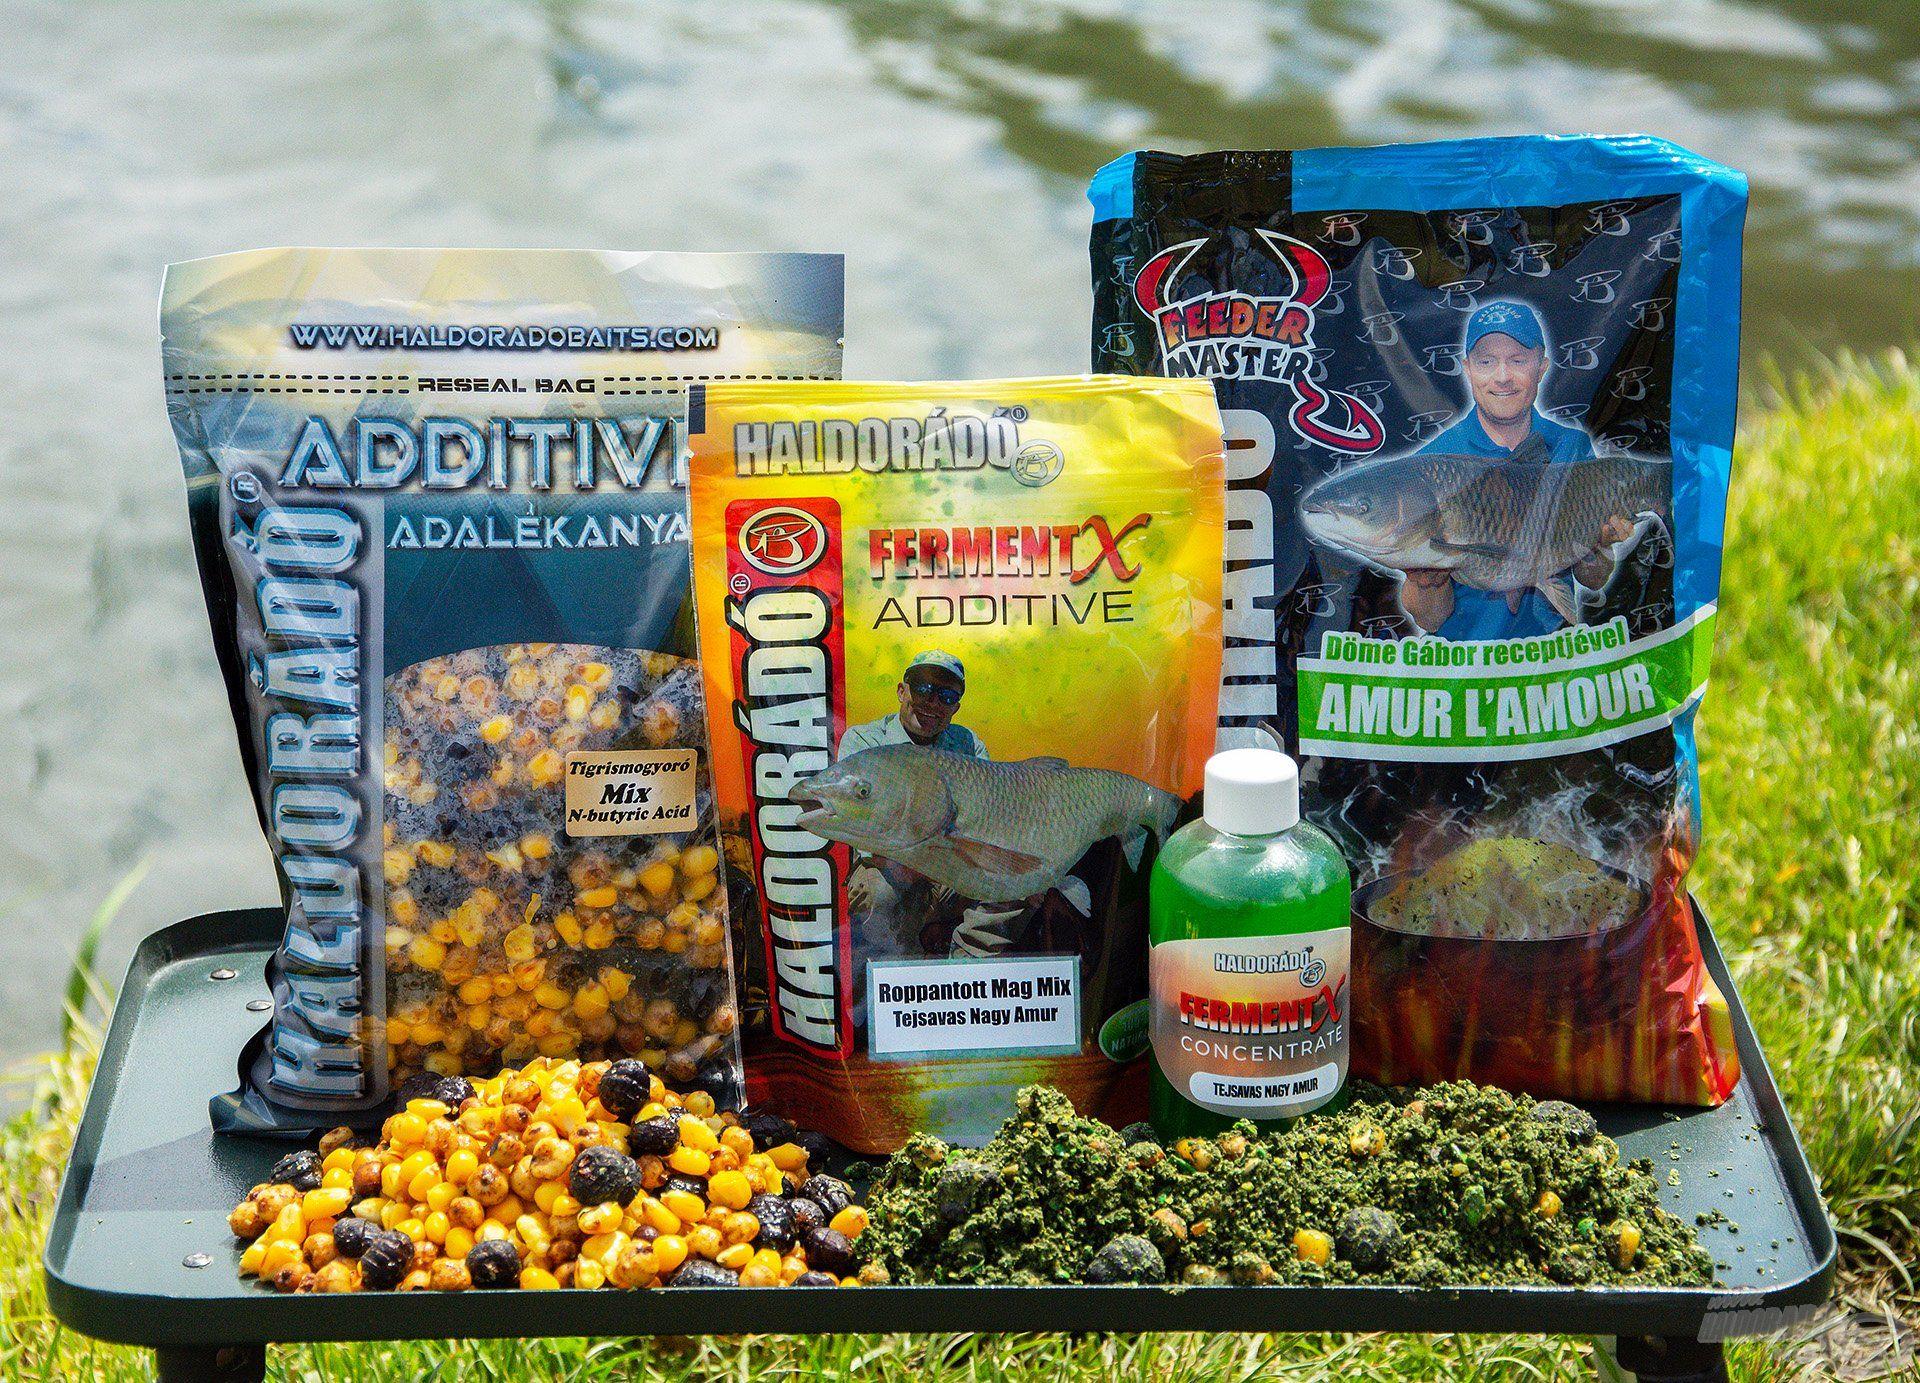 A Mátravíz horgásztavon használt Lucernás-Tejsavas Nagy Amur receptem összetevői